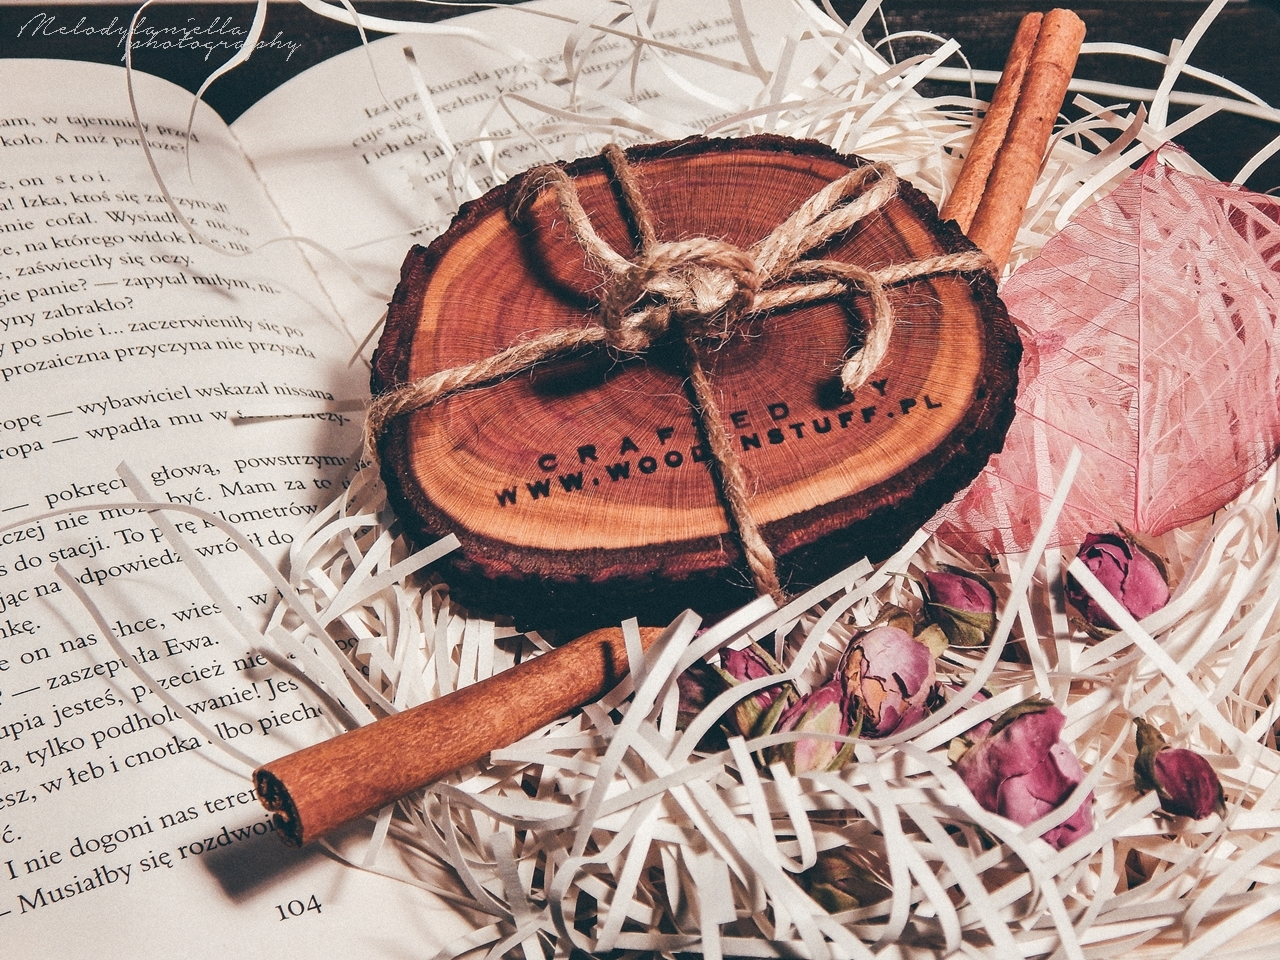 woodenstuff podkladka pod kubek drewno filizanka stylowy prezent z drewna drewniana podkladka instagram